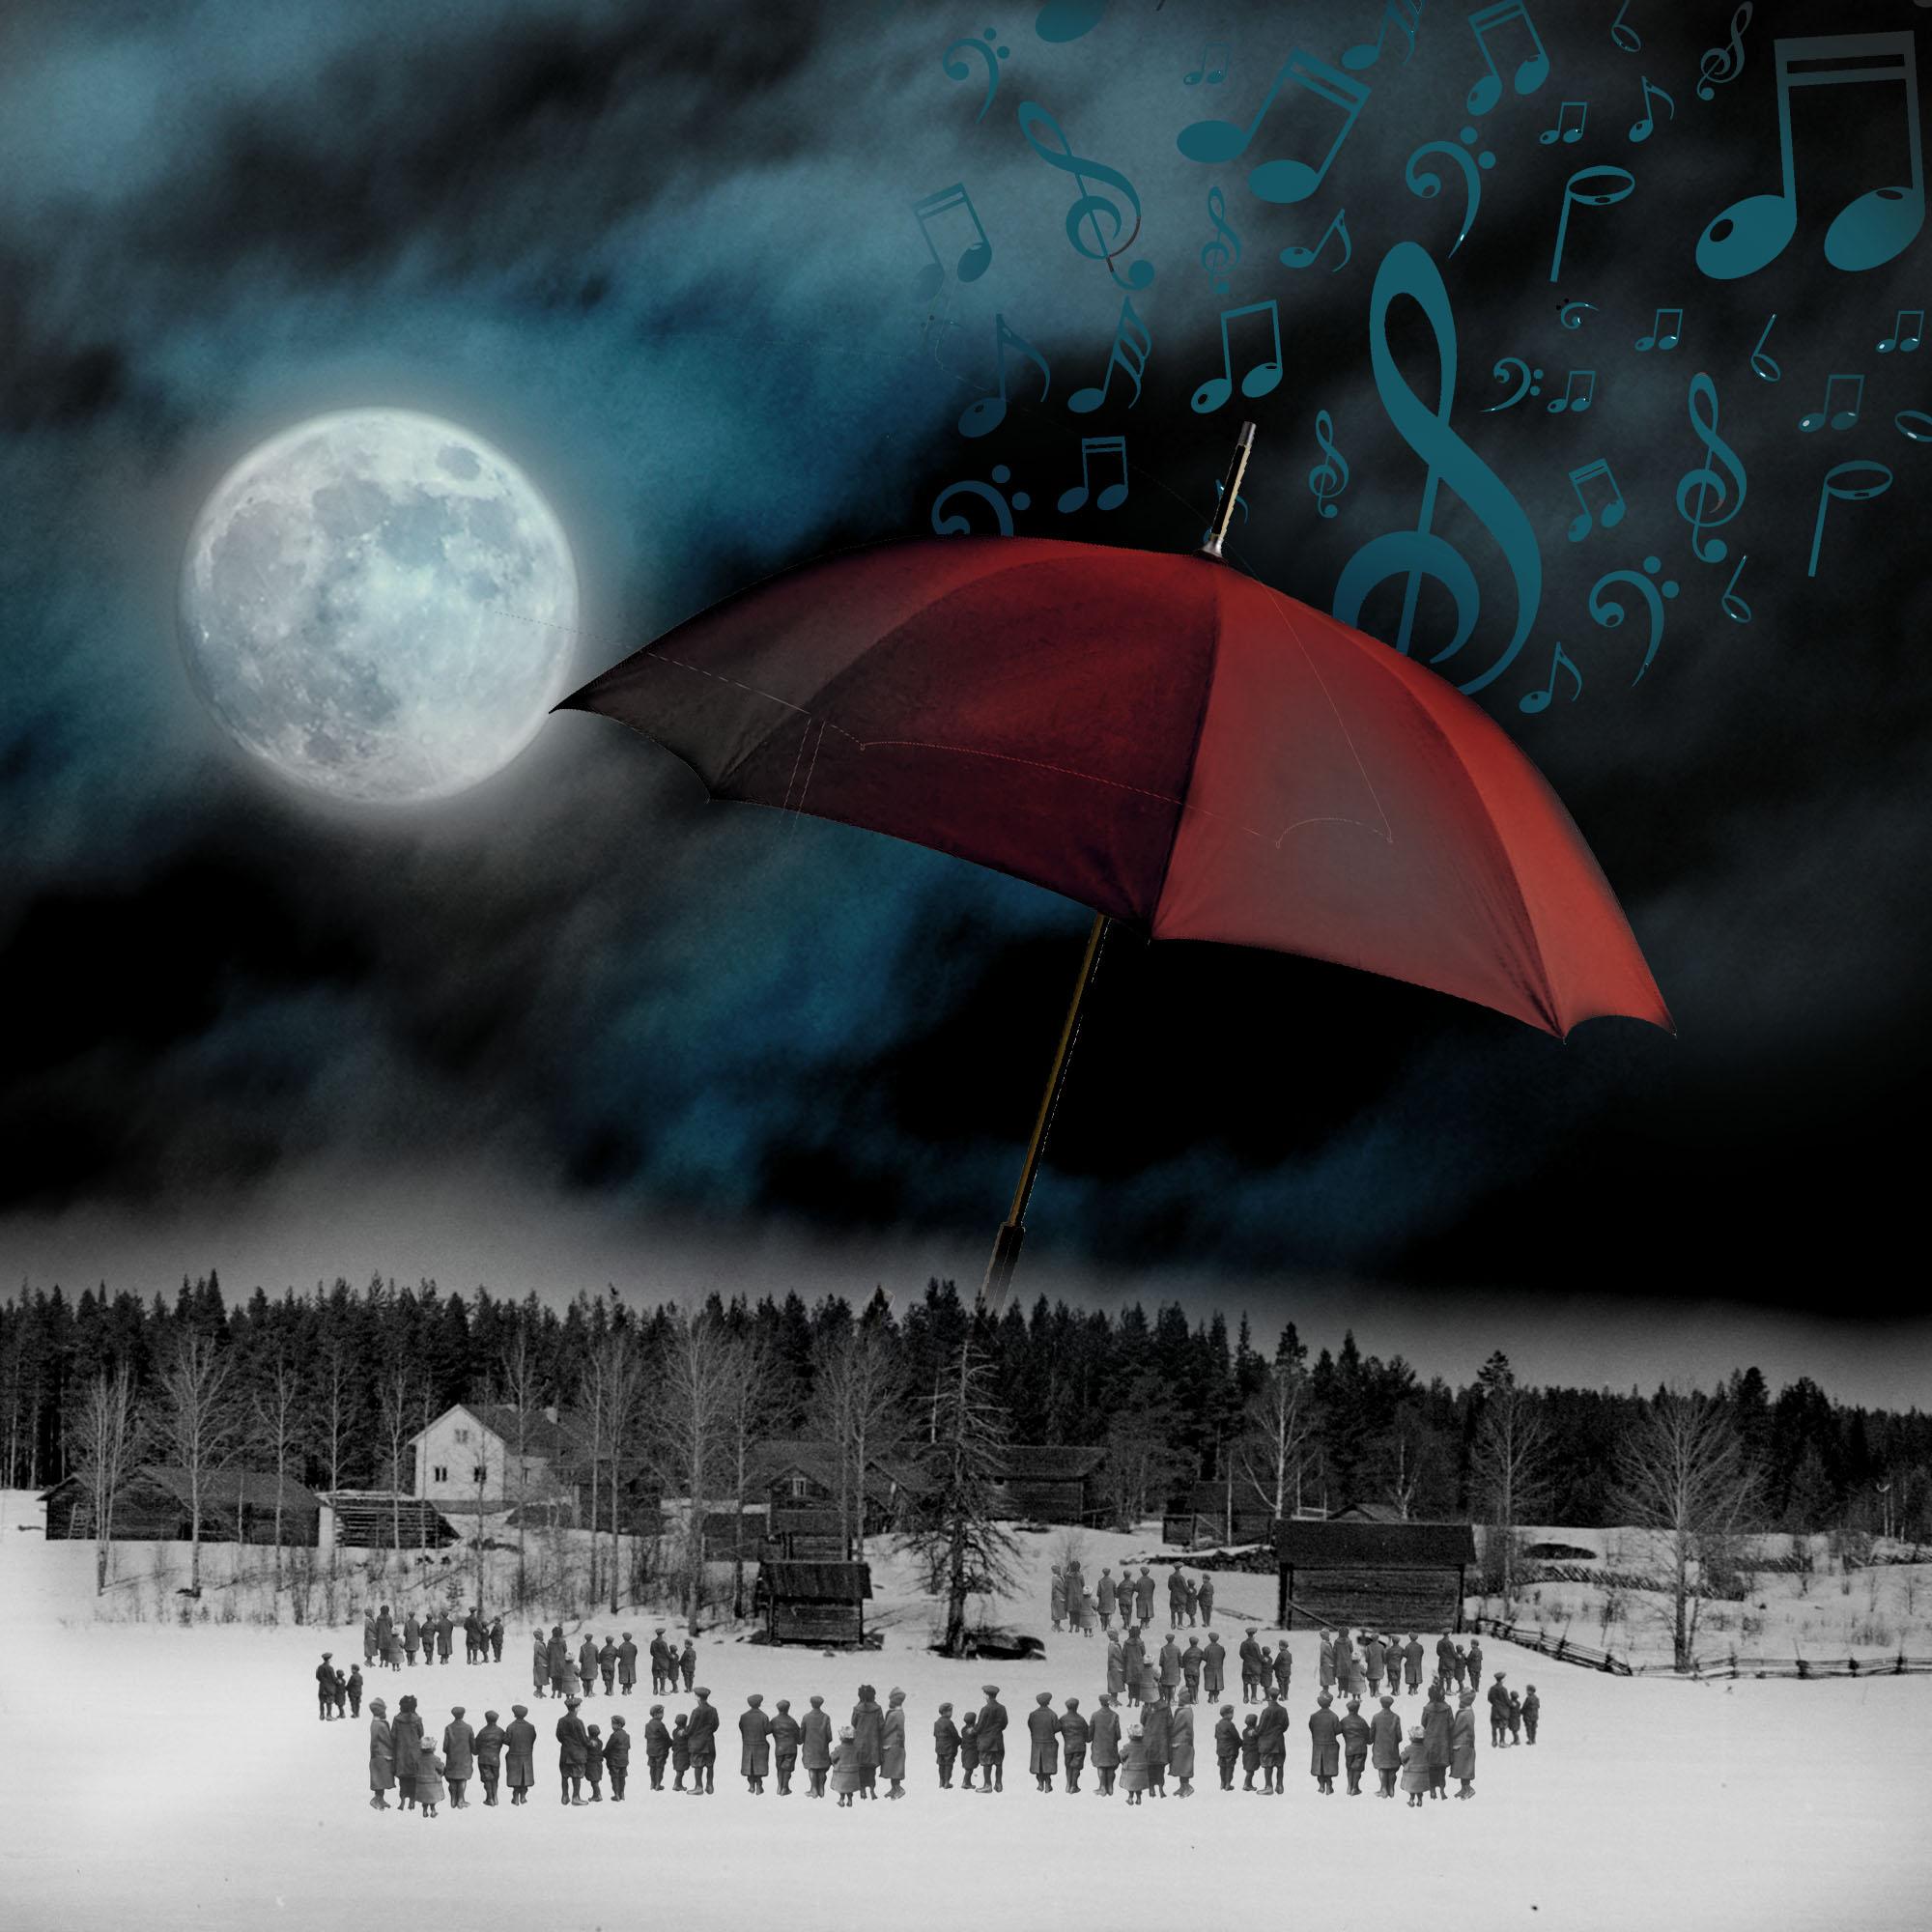 El influjo de la Luna IV: Capricho nocturno. Un paisaje nocturno con luna, y notas musicales caen del cielo con un gran paraguas y gente mirando. Loco Mundo Arte y Bohemia